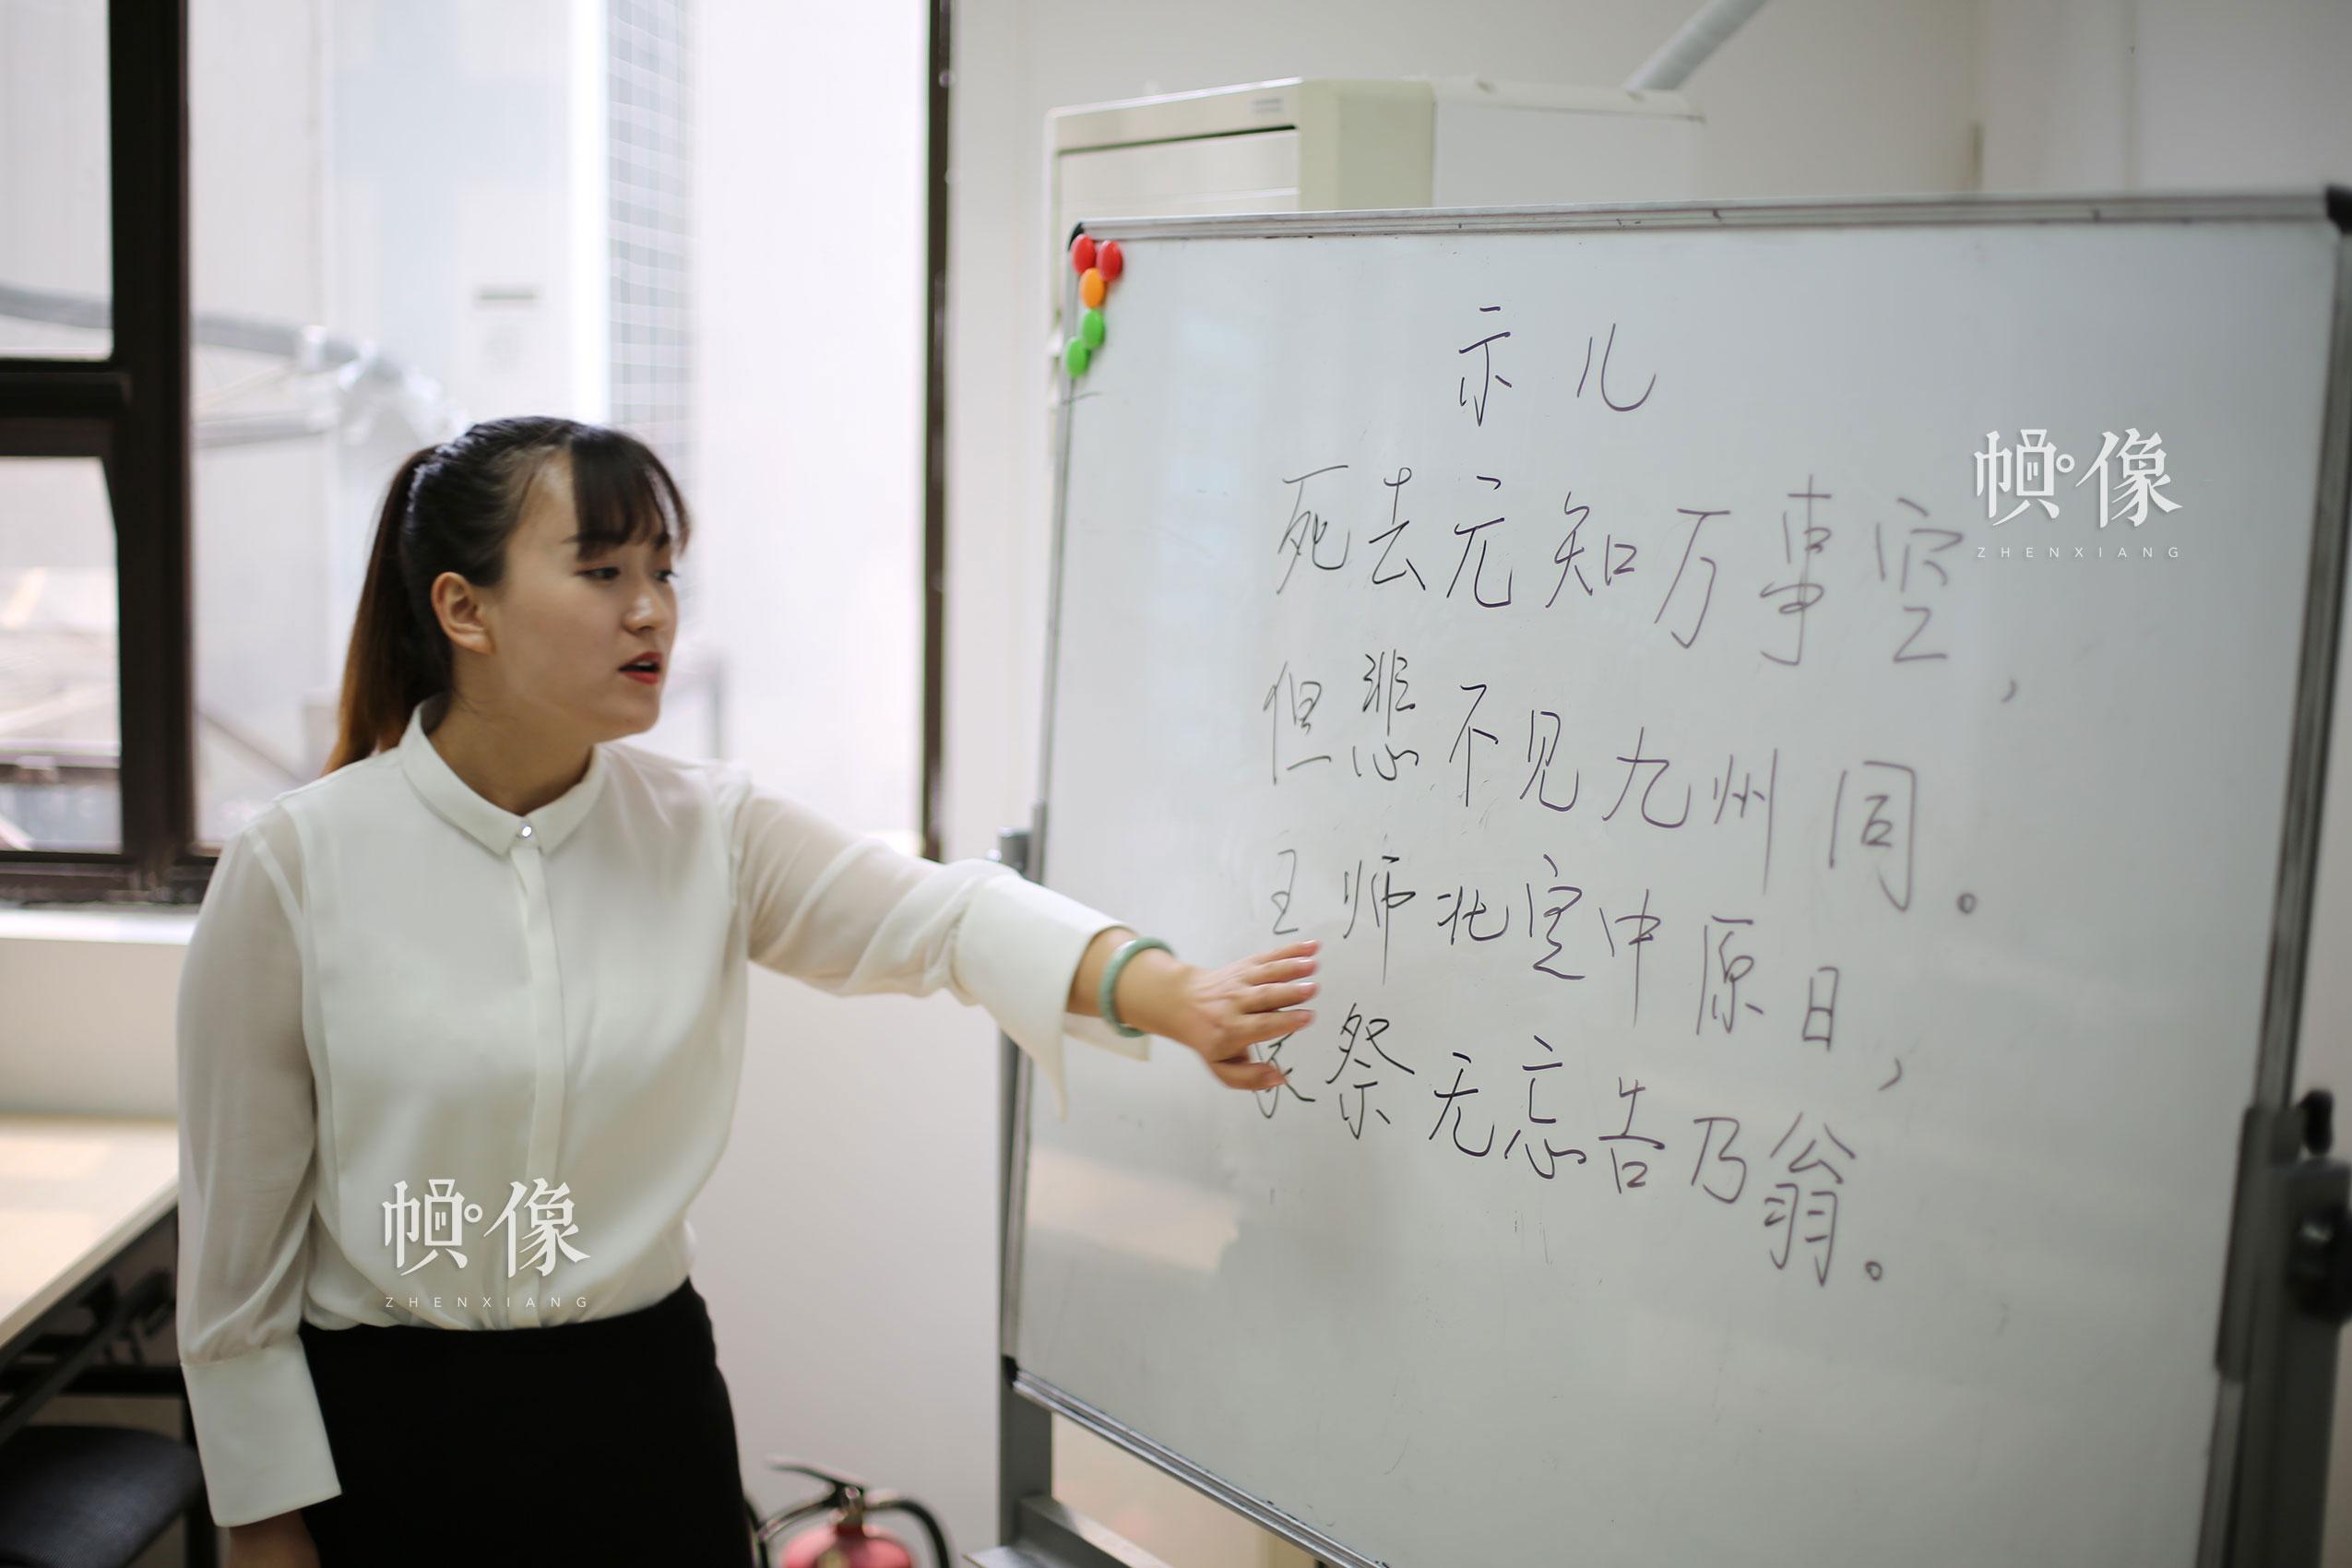 2017年,北京,参加华图教育培训的学员试讲古诗。中国网记者 王梦泽 摄